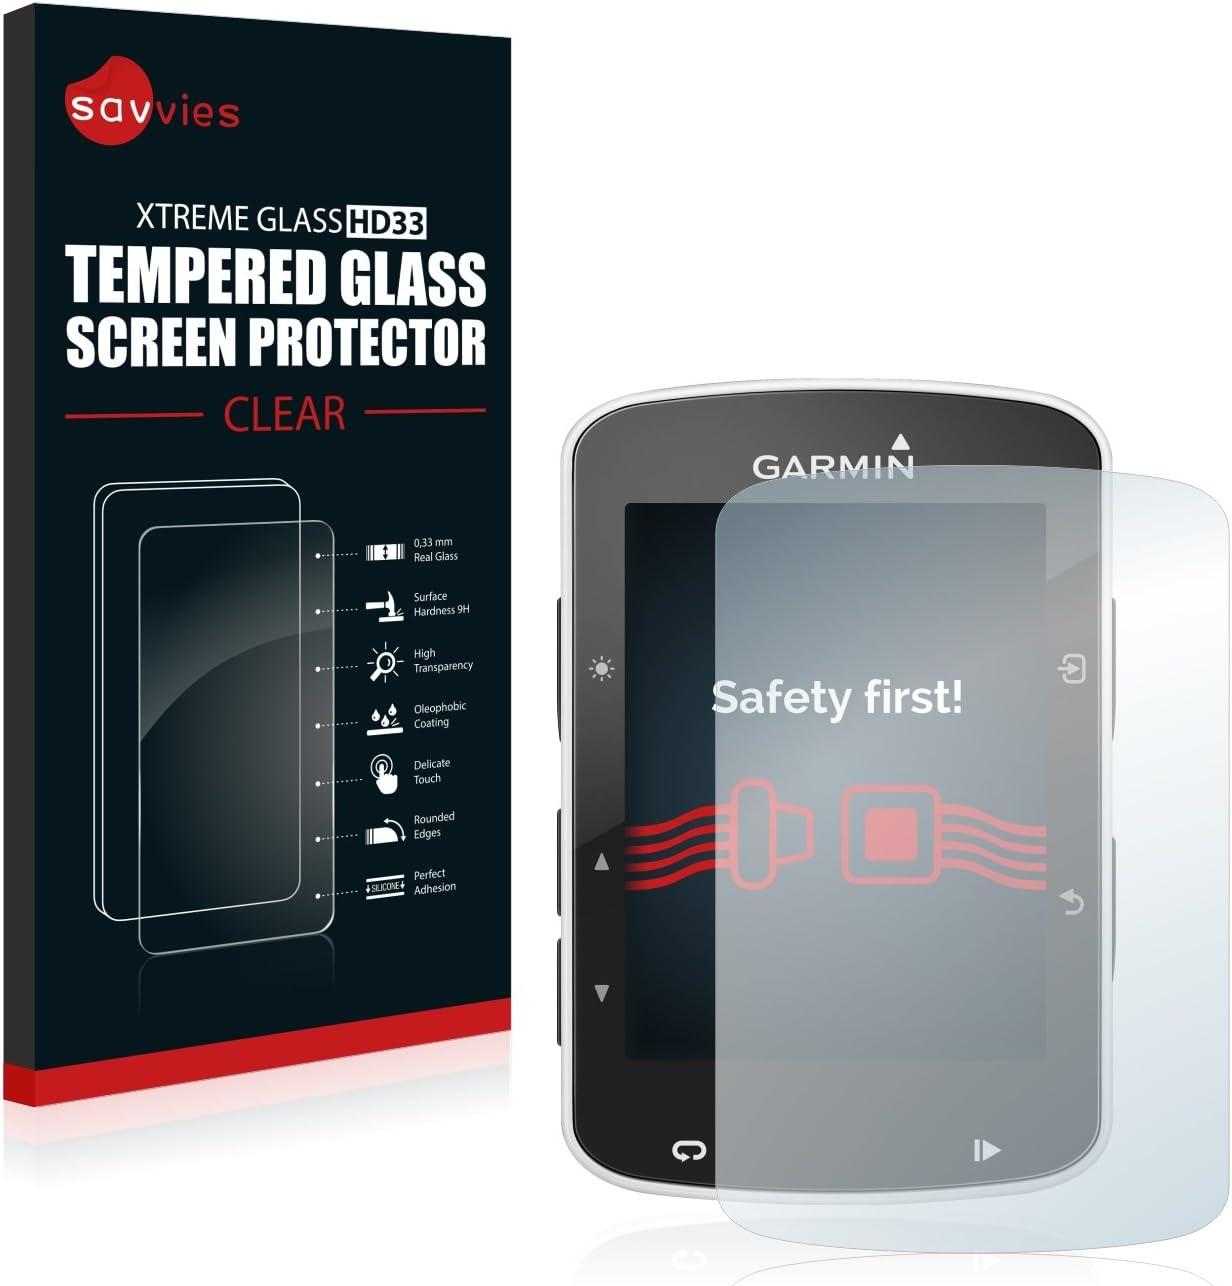 savvies Cristal Templado Compatible con Garmin Edge 520/820 Protector Pantalla Vidrio Proteccion 9H Pelicula Anti-Huellas: Amazon.es: Electrónica